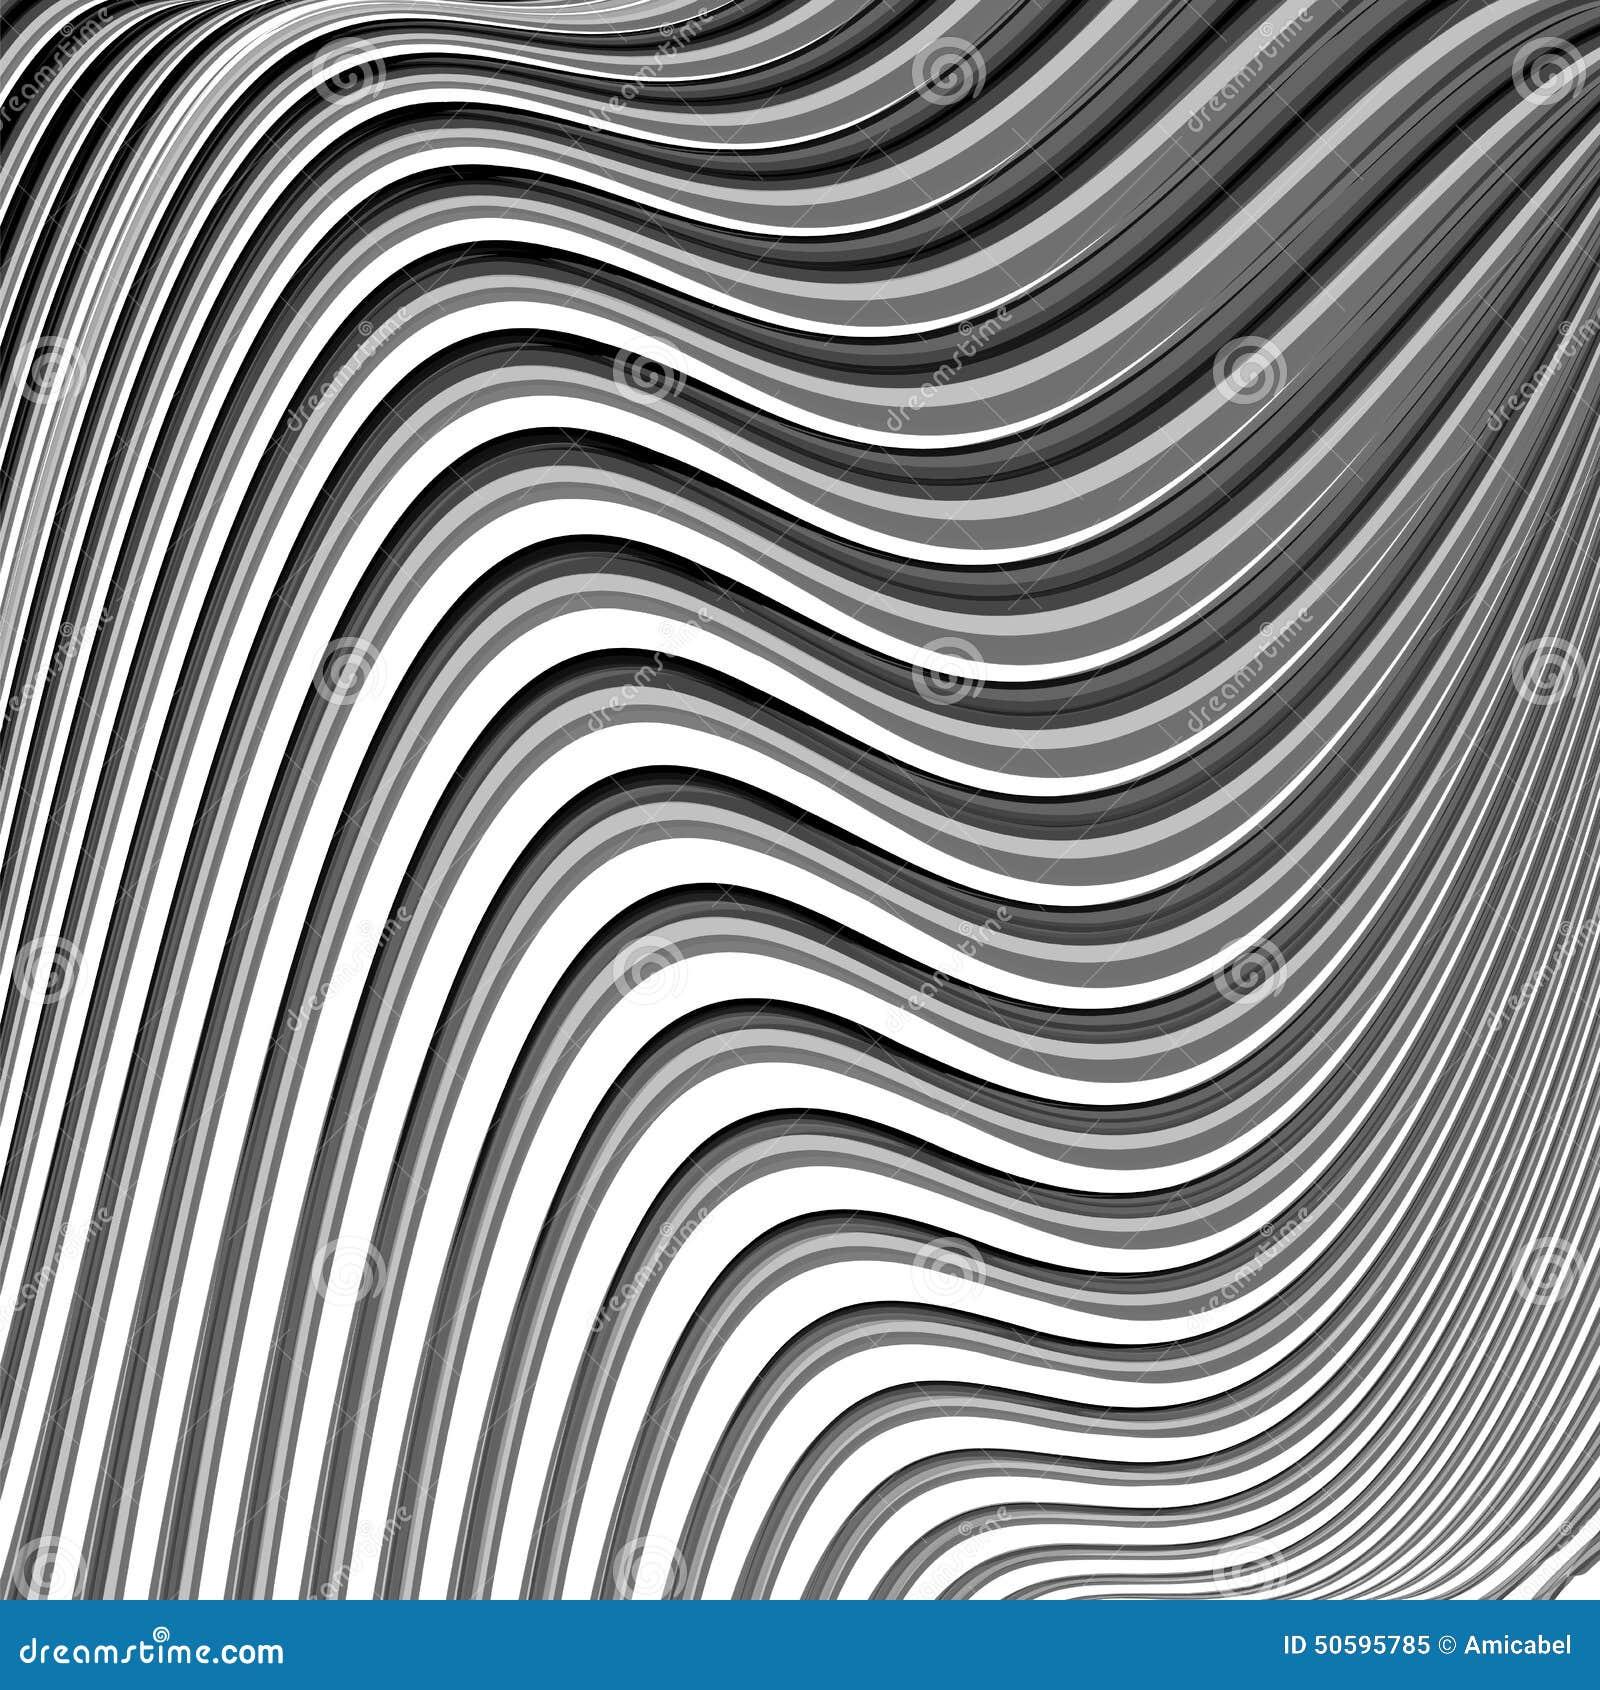 Achtergrond van ontwerp de zwart wit parallelle golvende lijnen stock illustratie afbeelding - Separateur van stuk ontwerp ...